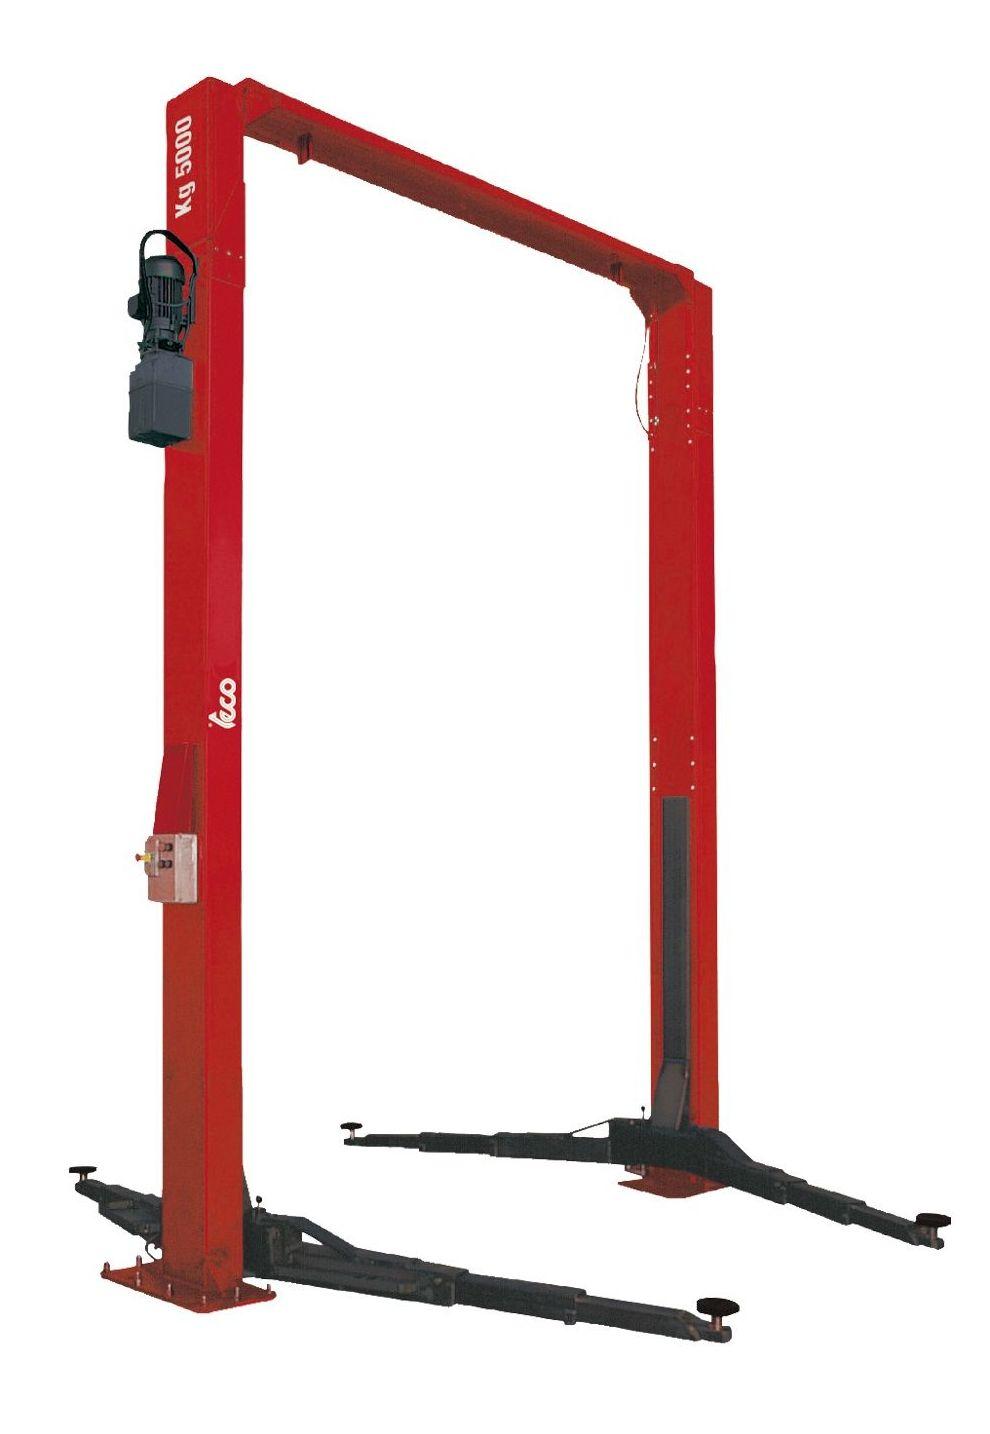 TECO H 5002 ELECTROHIDRAULICO SIN BASE (5000 Kg): Productos de Maquidosa, S.L.